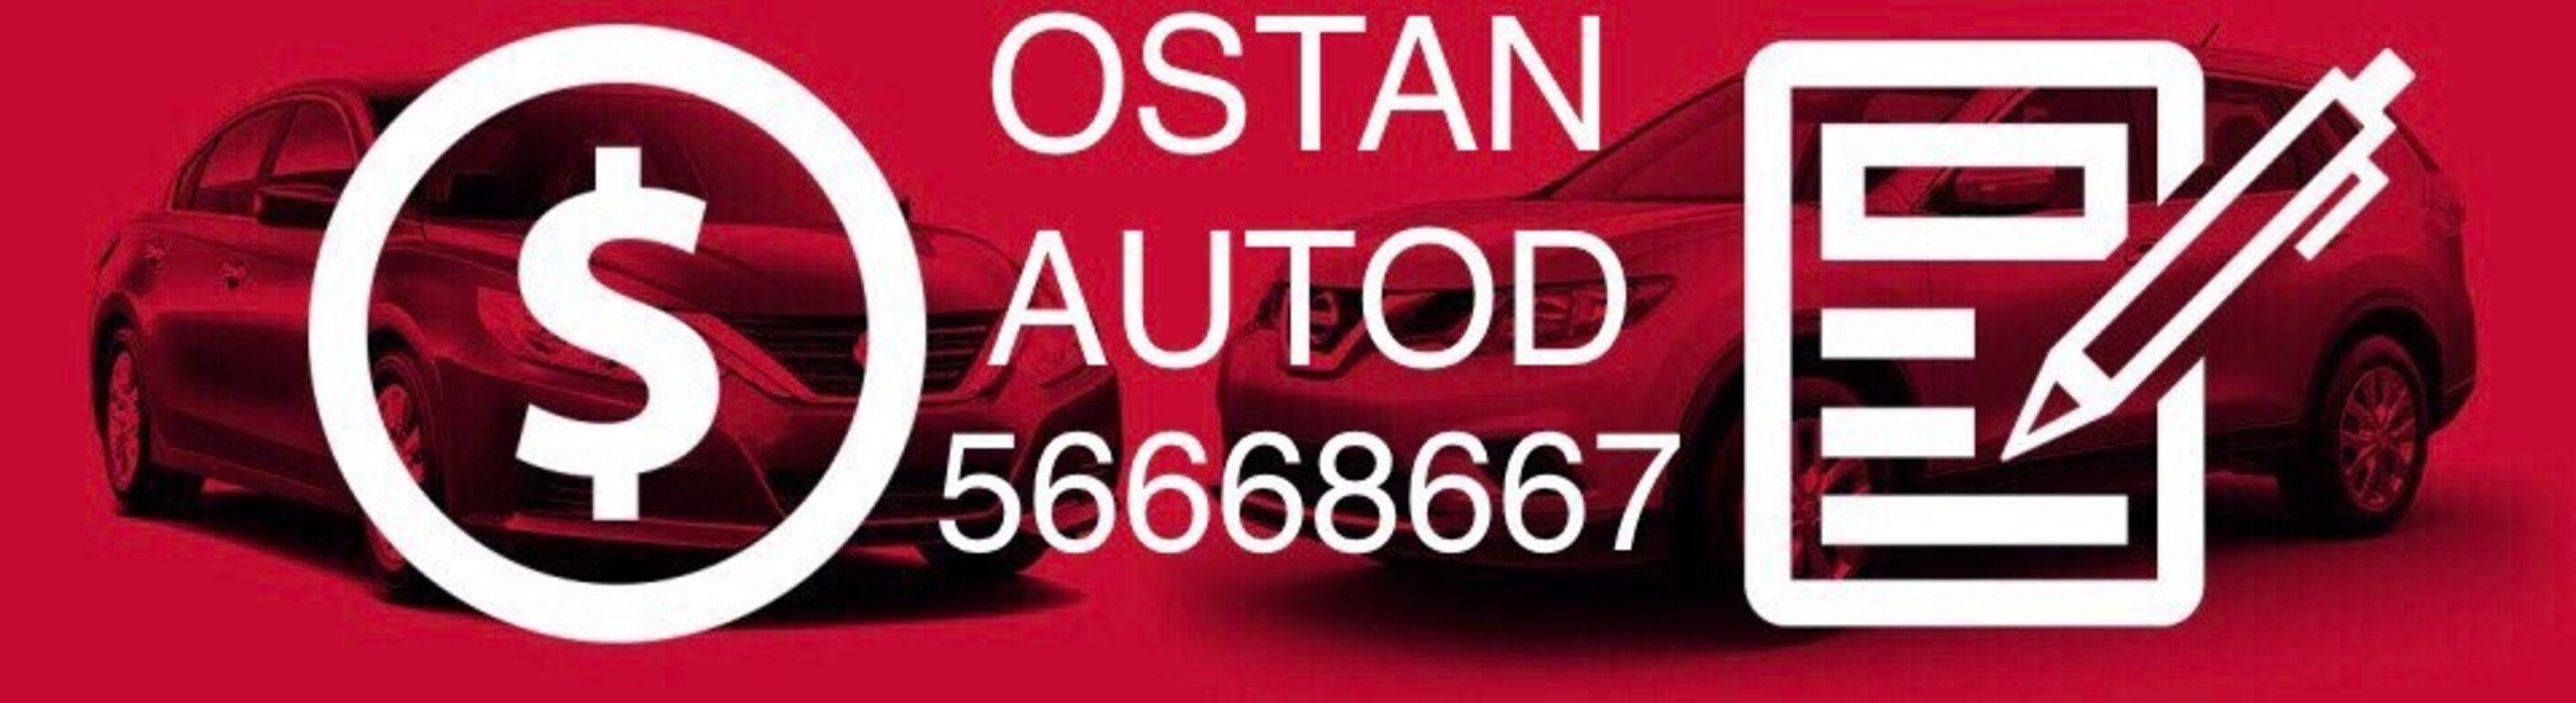 Ostame autod parima hinnaga Eestis